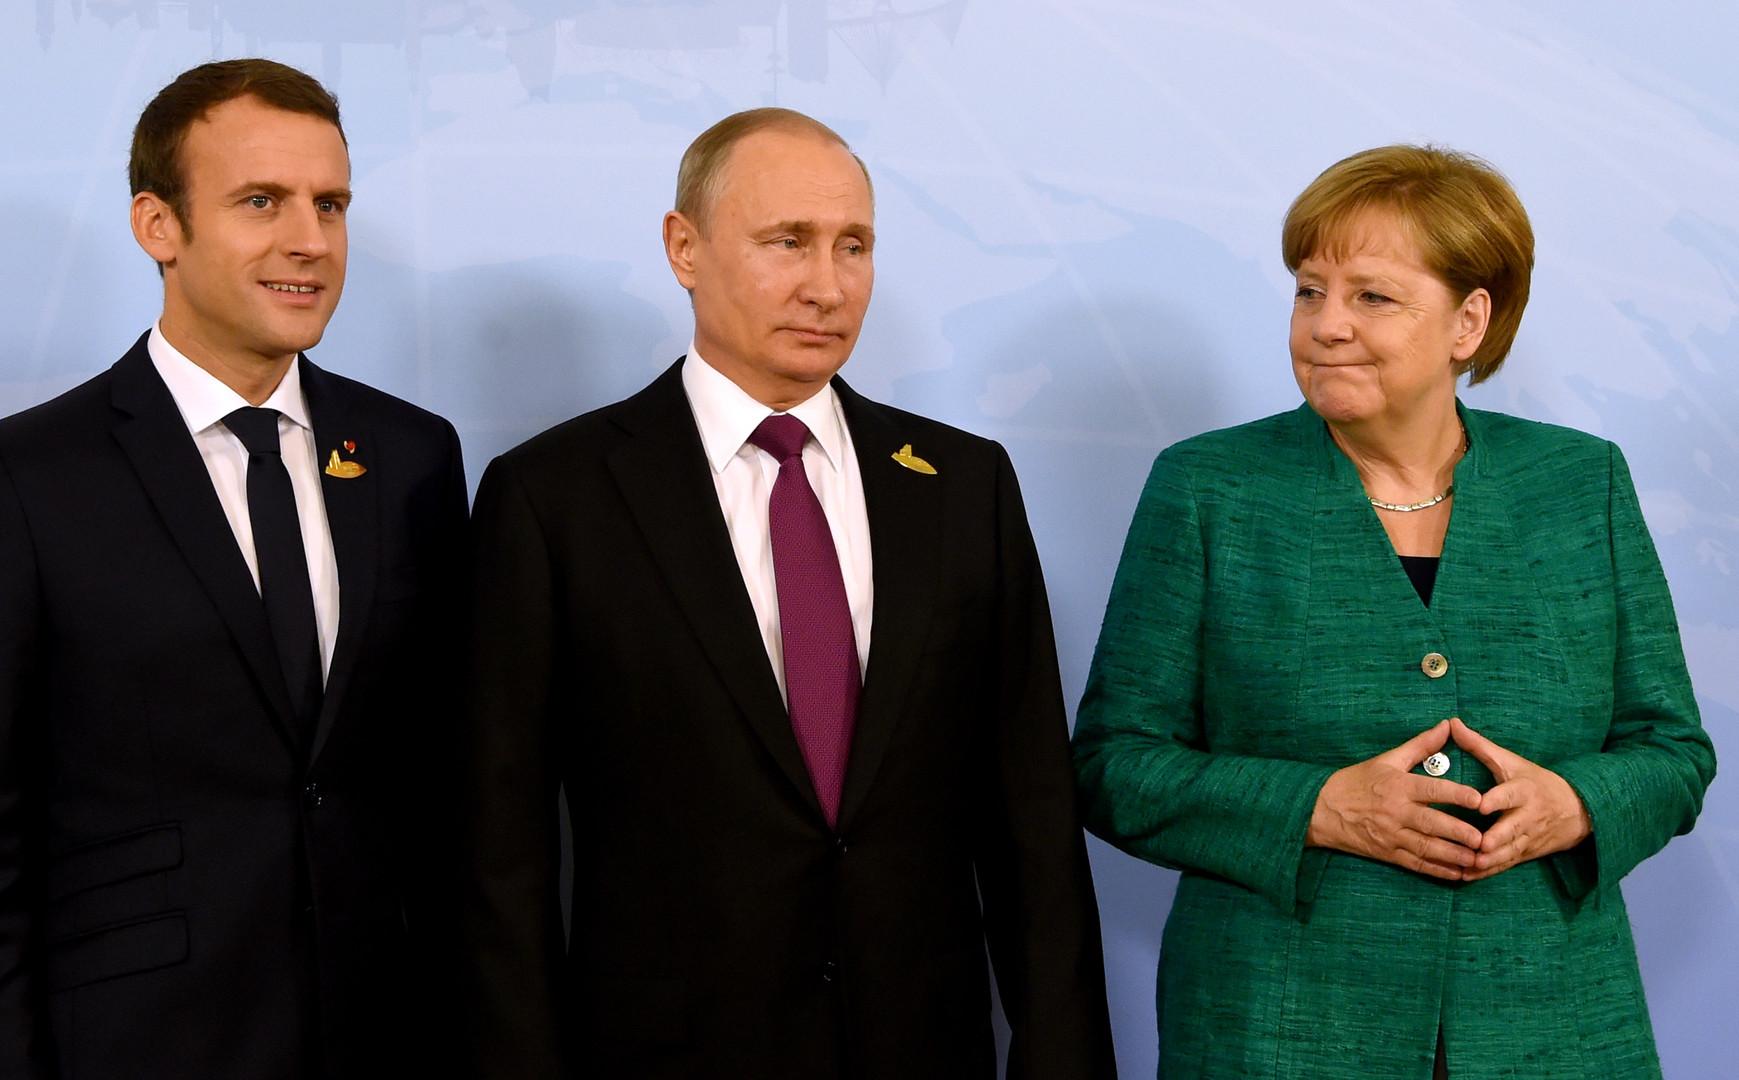 المستشارة الألمانية، أنغيلا ميركل، والرئيس الروسي، فلاديمير بوتين، والرئيس الفرنسي، إيمانويل ماكرون، خلال لقائهم في هامبورغ يوم 8 يونيو 2017